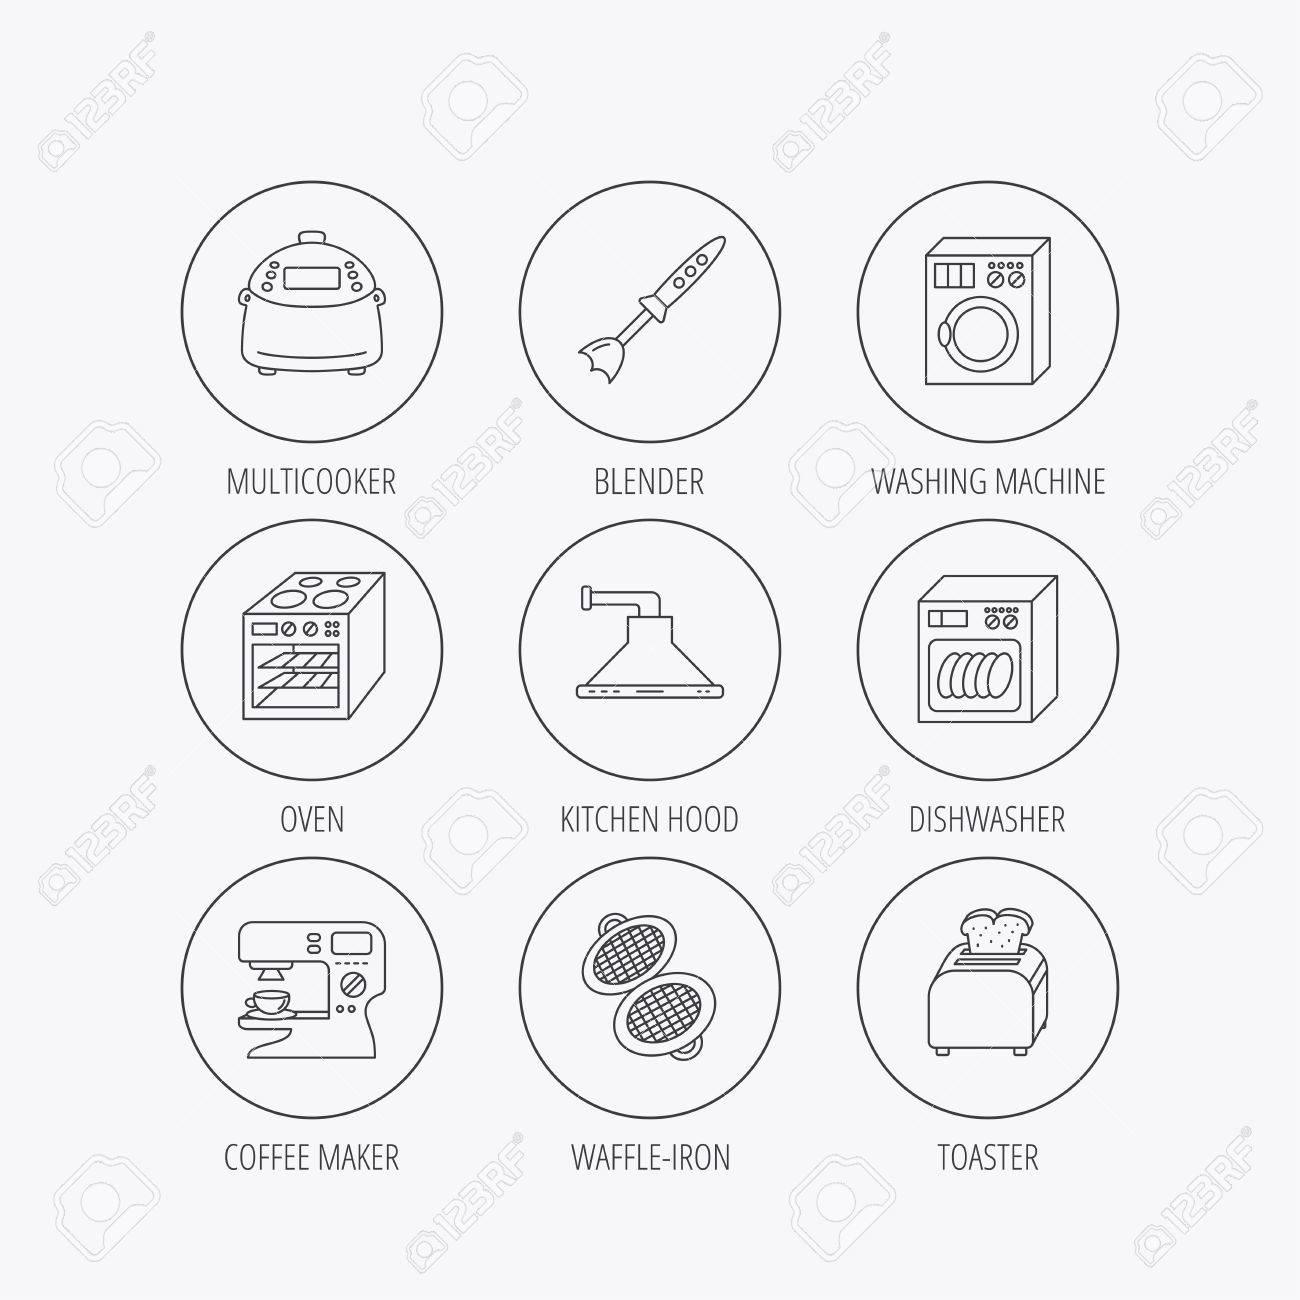 Häufig Spülmaschine, Waschmaschine Und Mixer-Symbole. Dunstabzugshaube VJ75